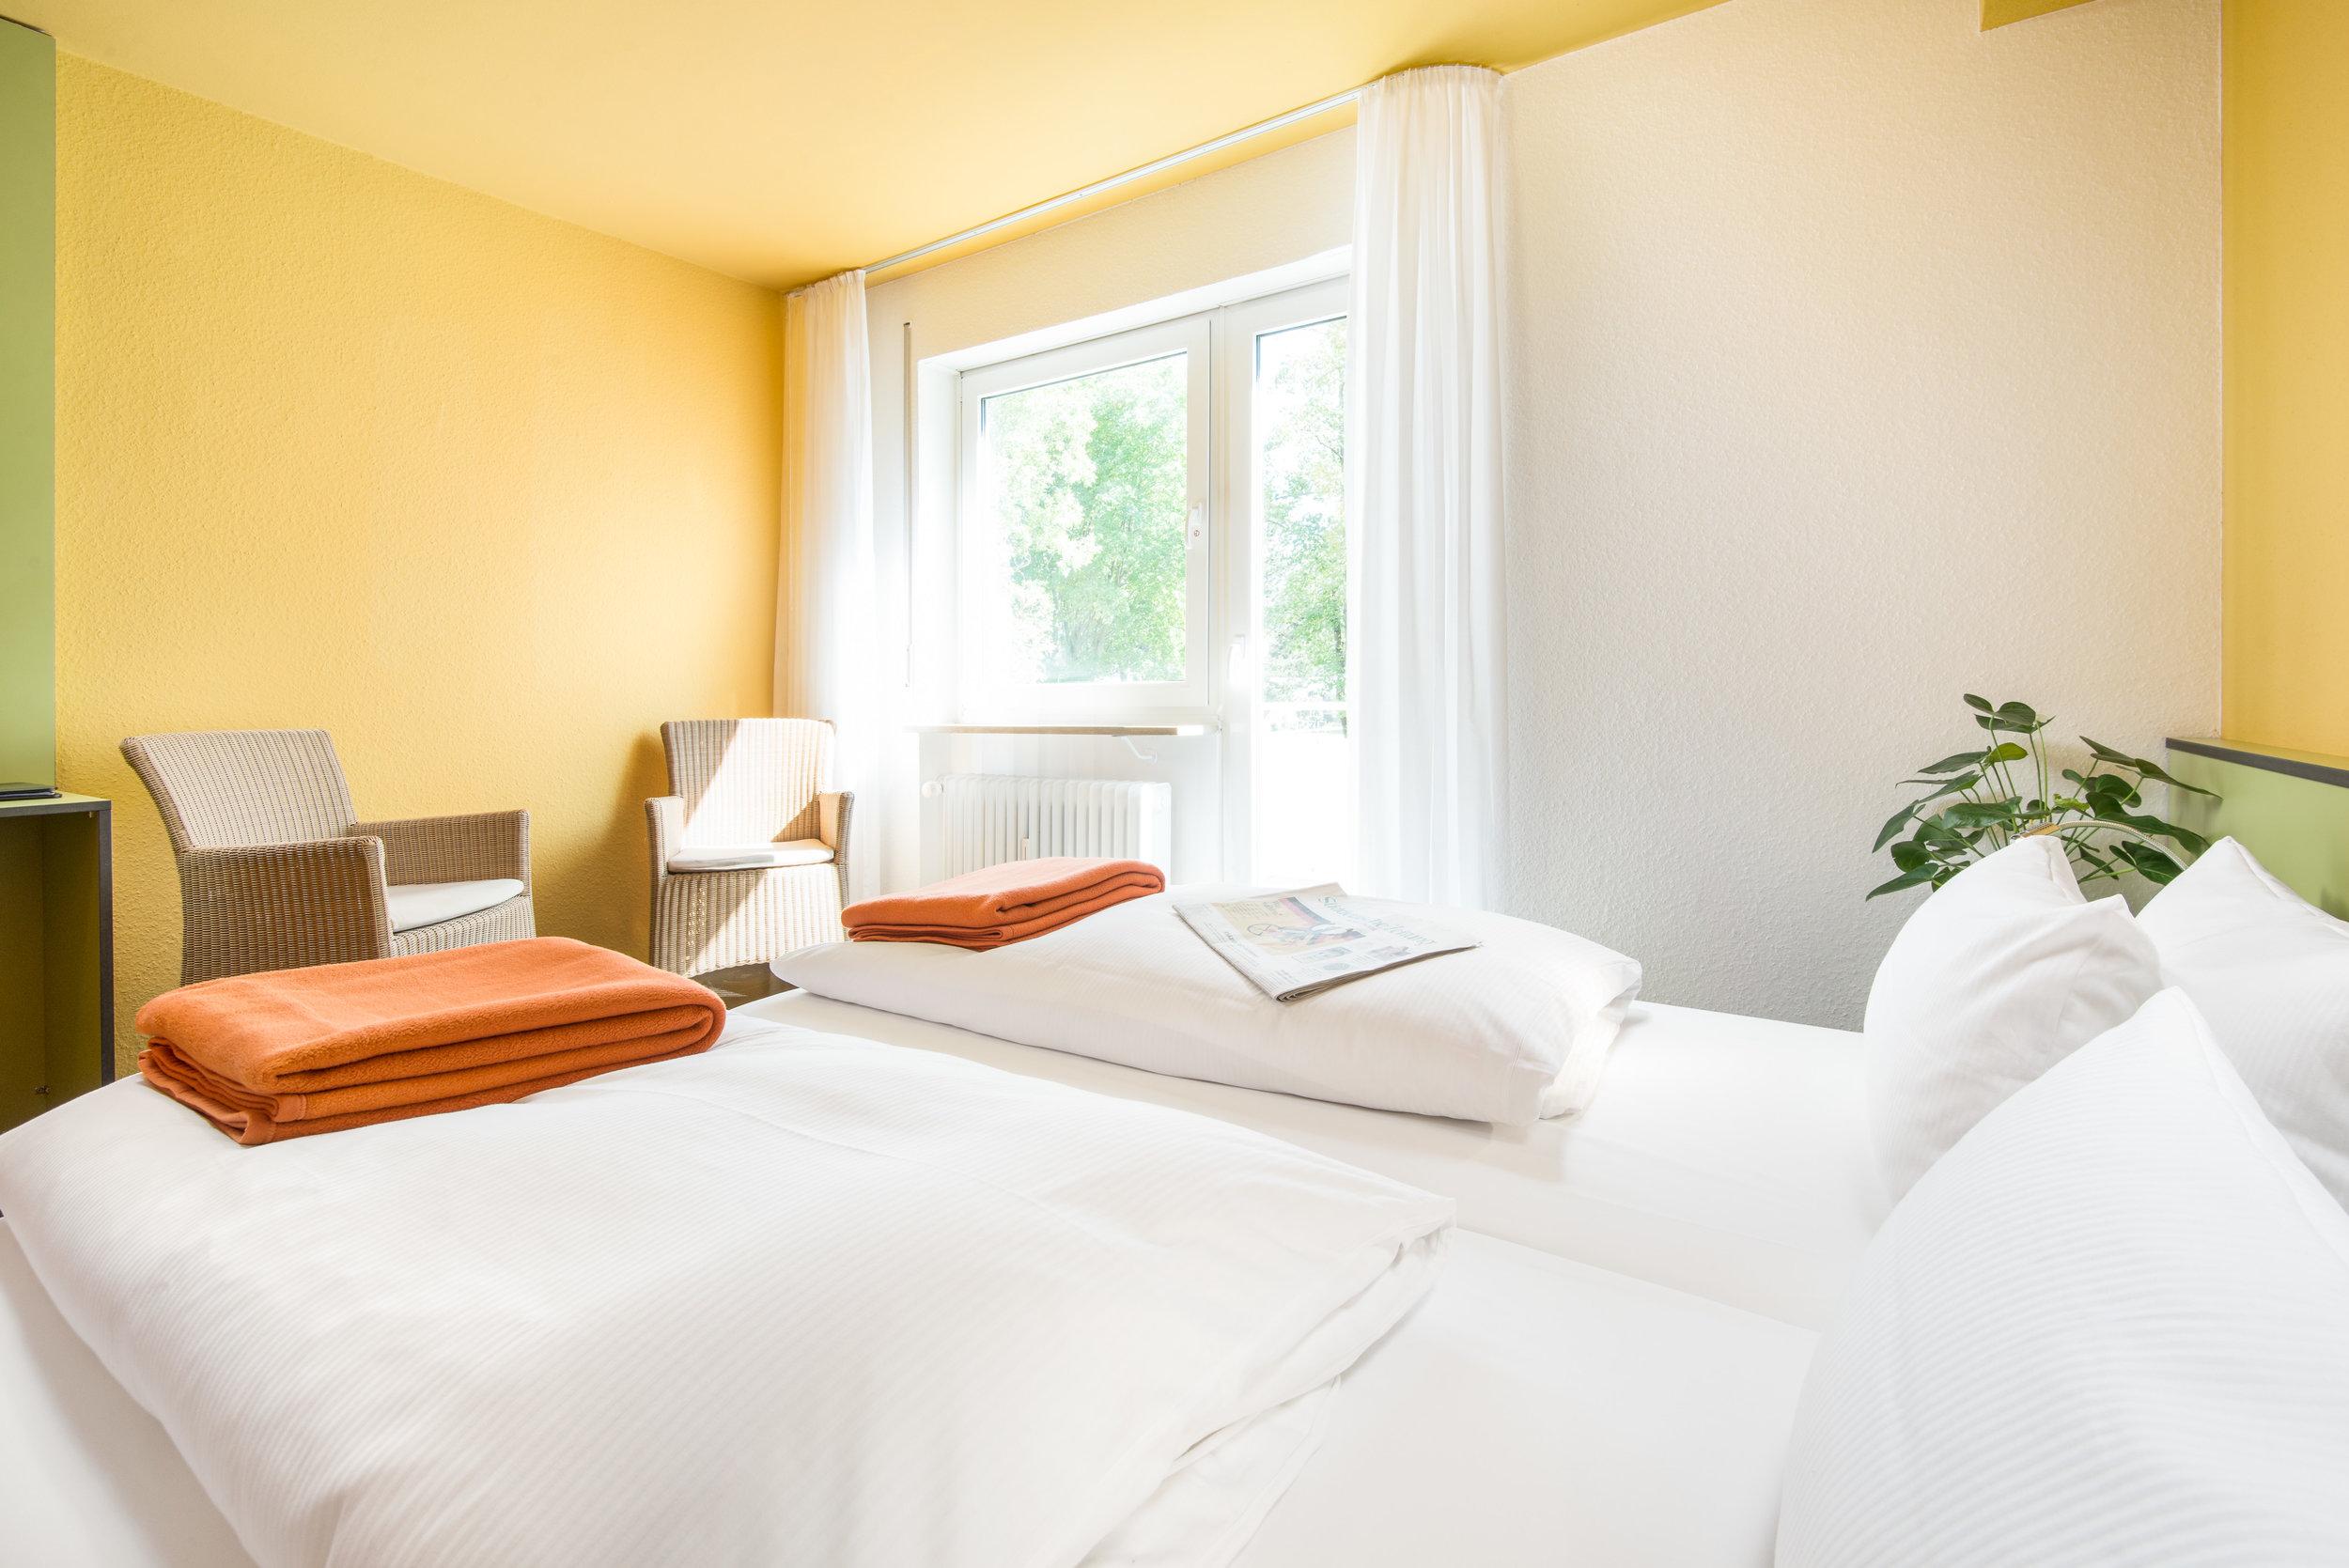 Hotel Bischofslinde - 170921 - 9033-Edit-WindowOpen.jpg